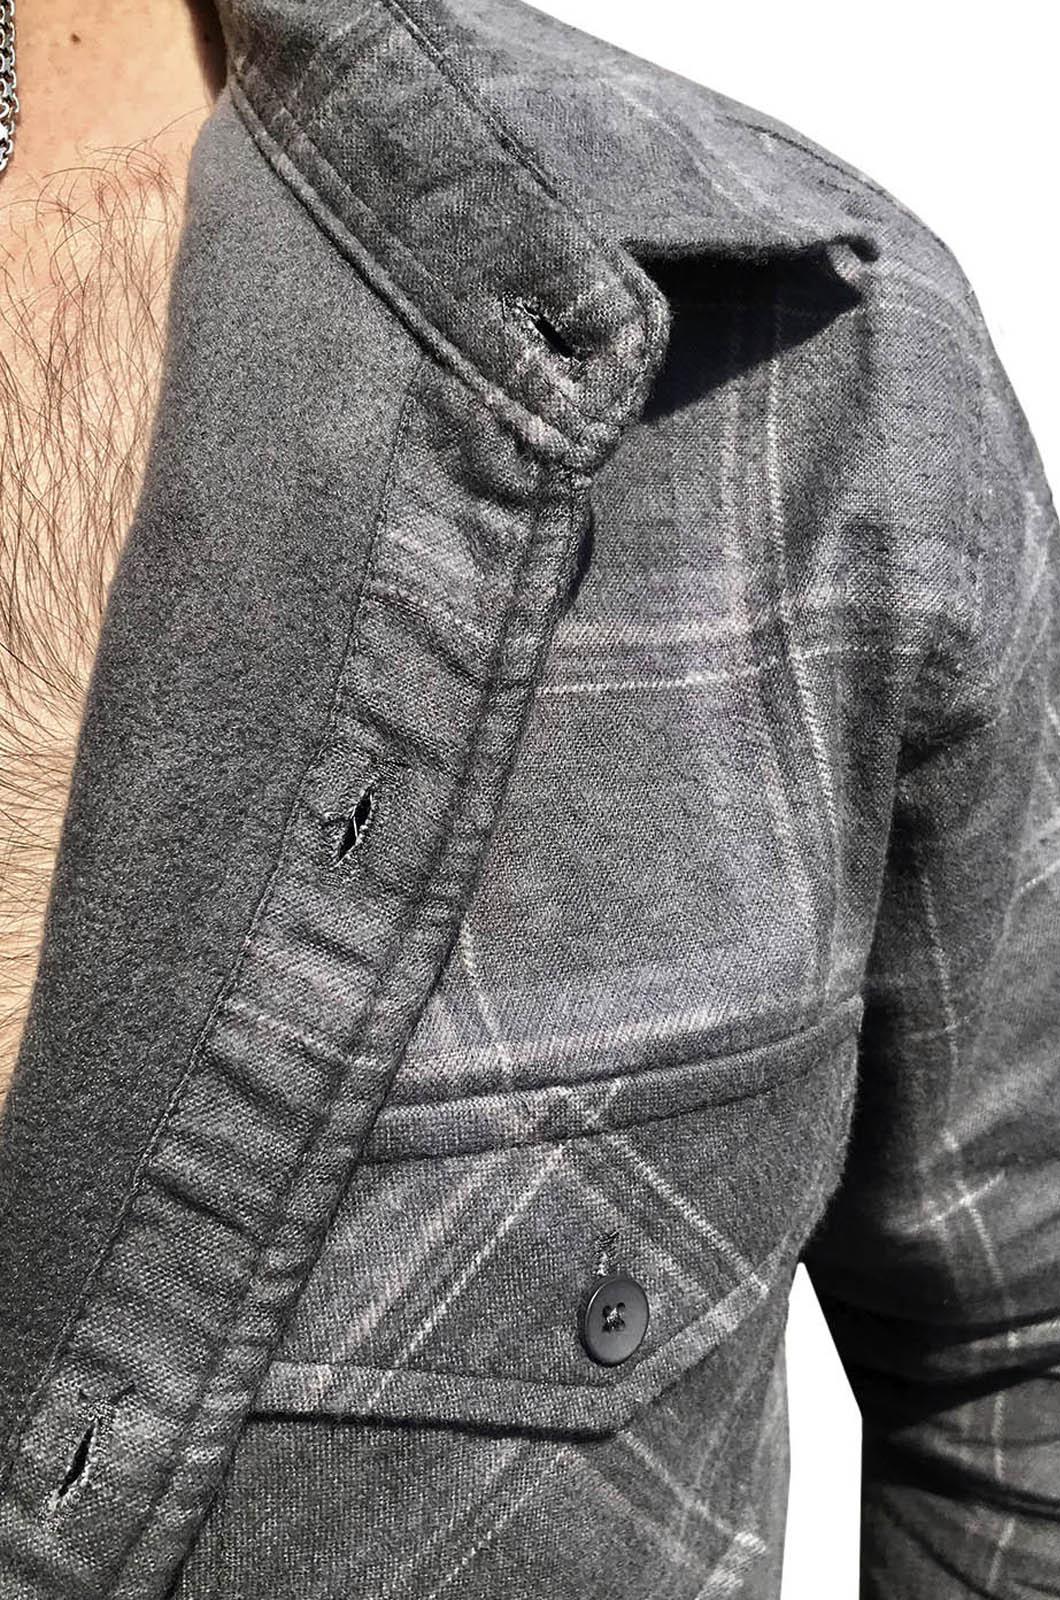 Клетчатая рубашка с эмблемой 5 ОБрСпН ГРУ купить оптом